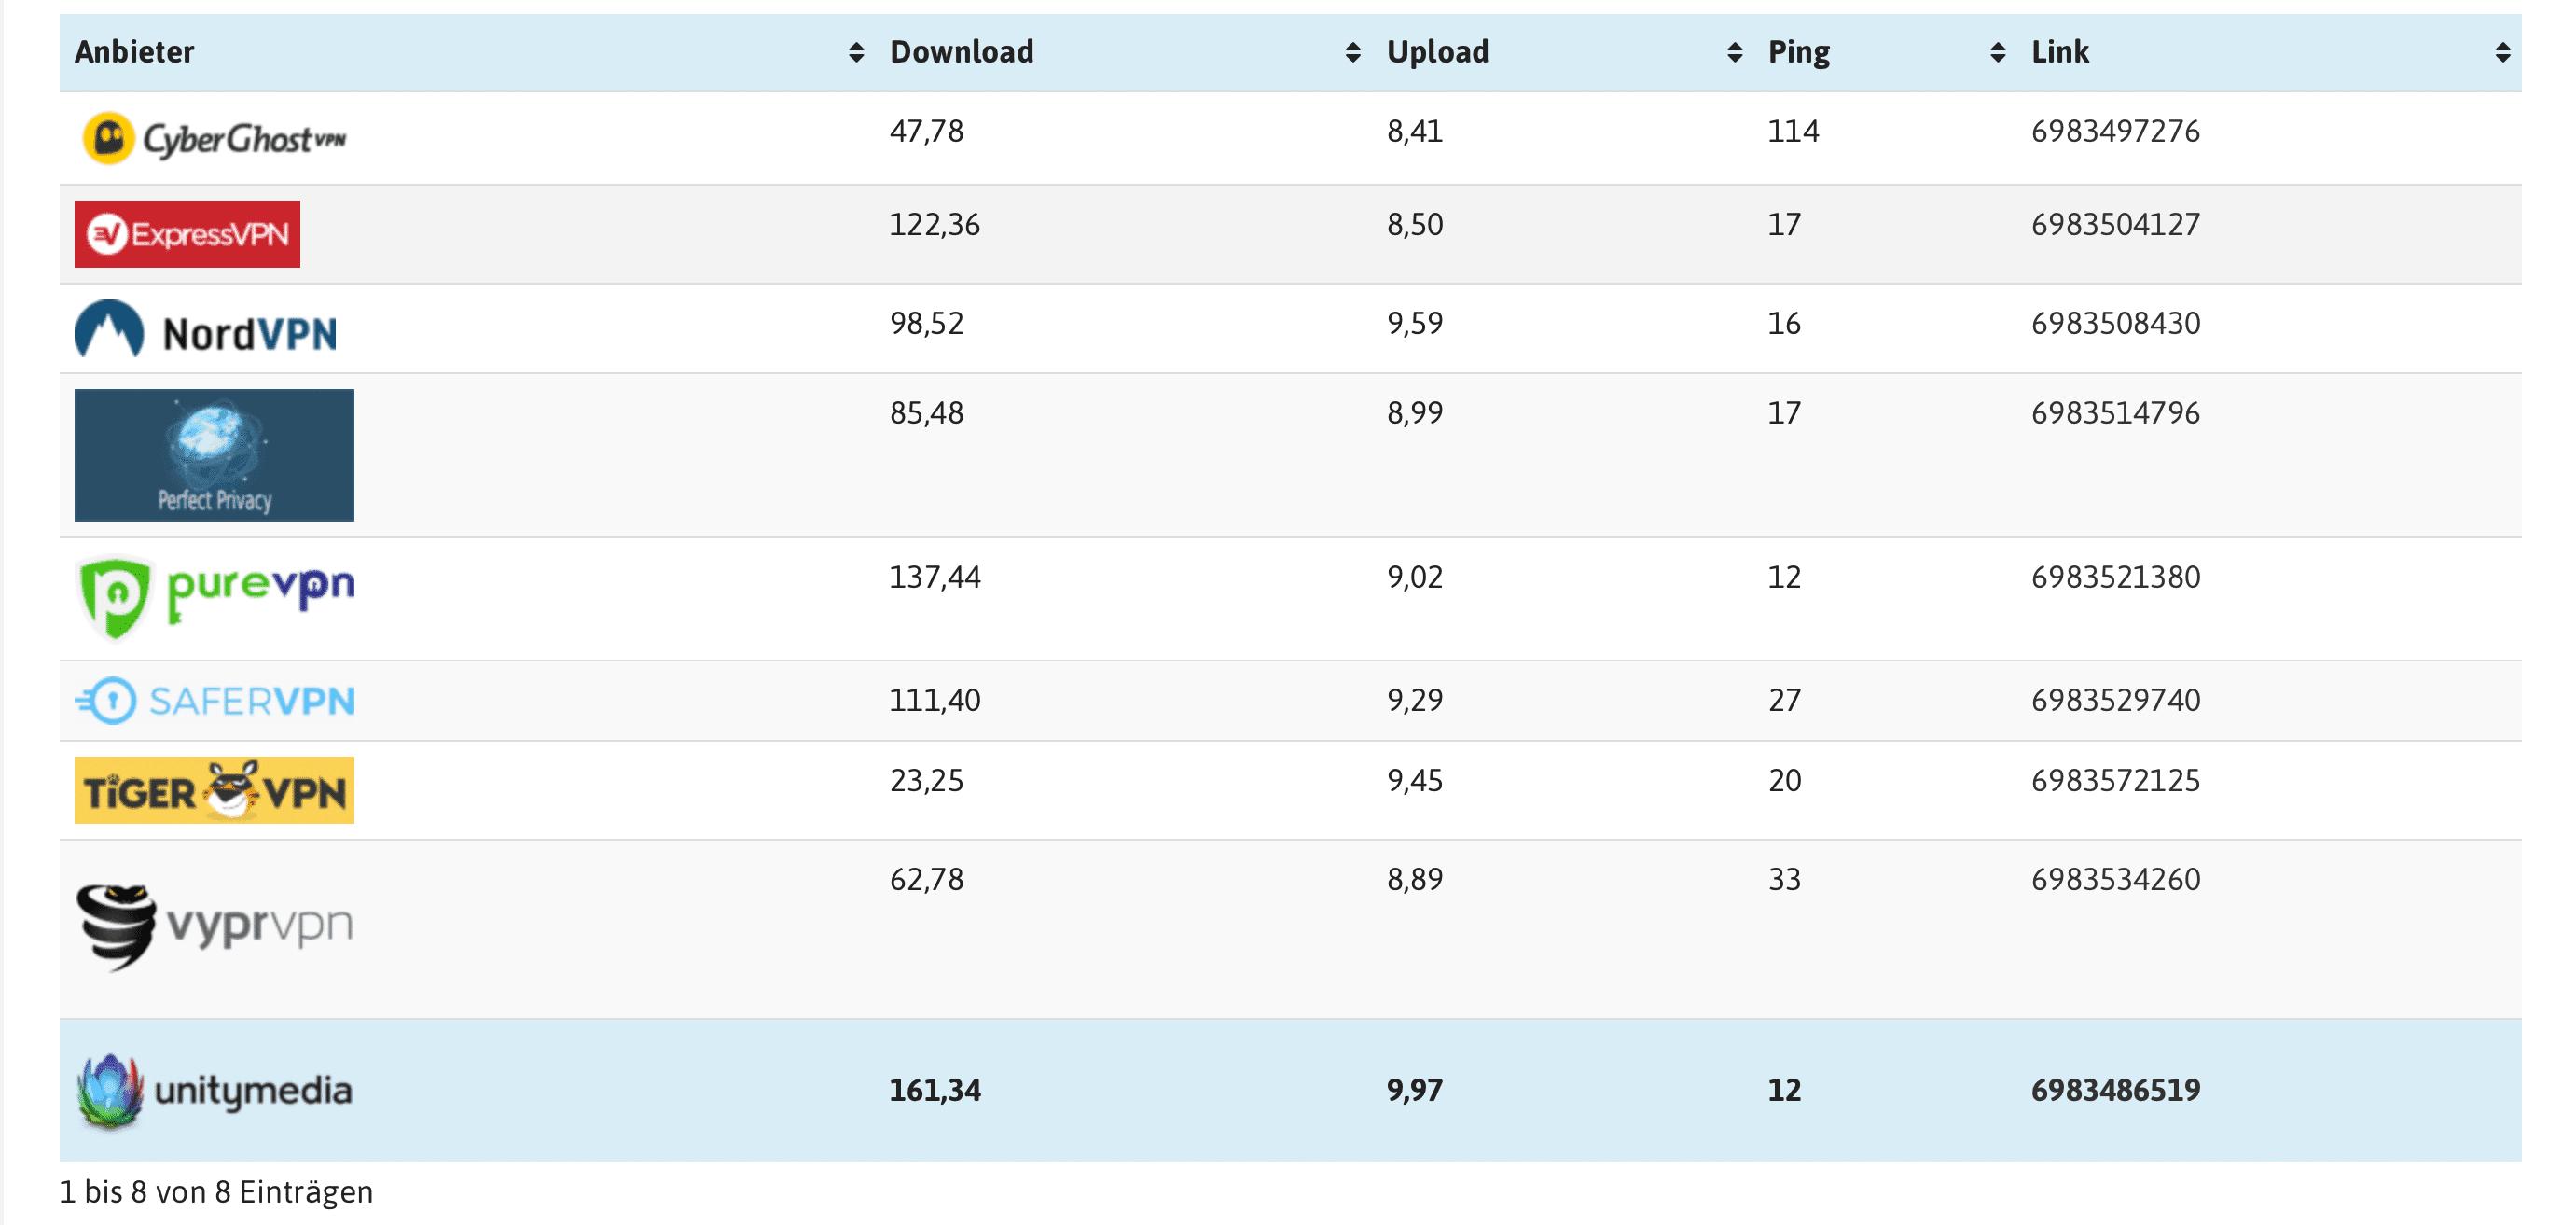 VPN Test 2019 Anbieter im Vergleich